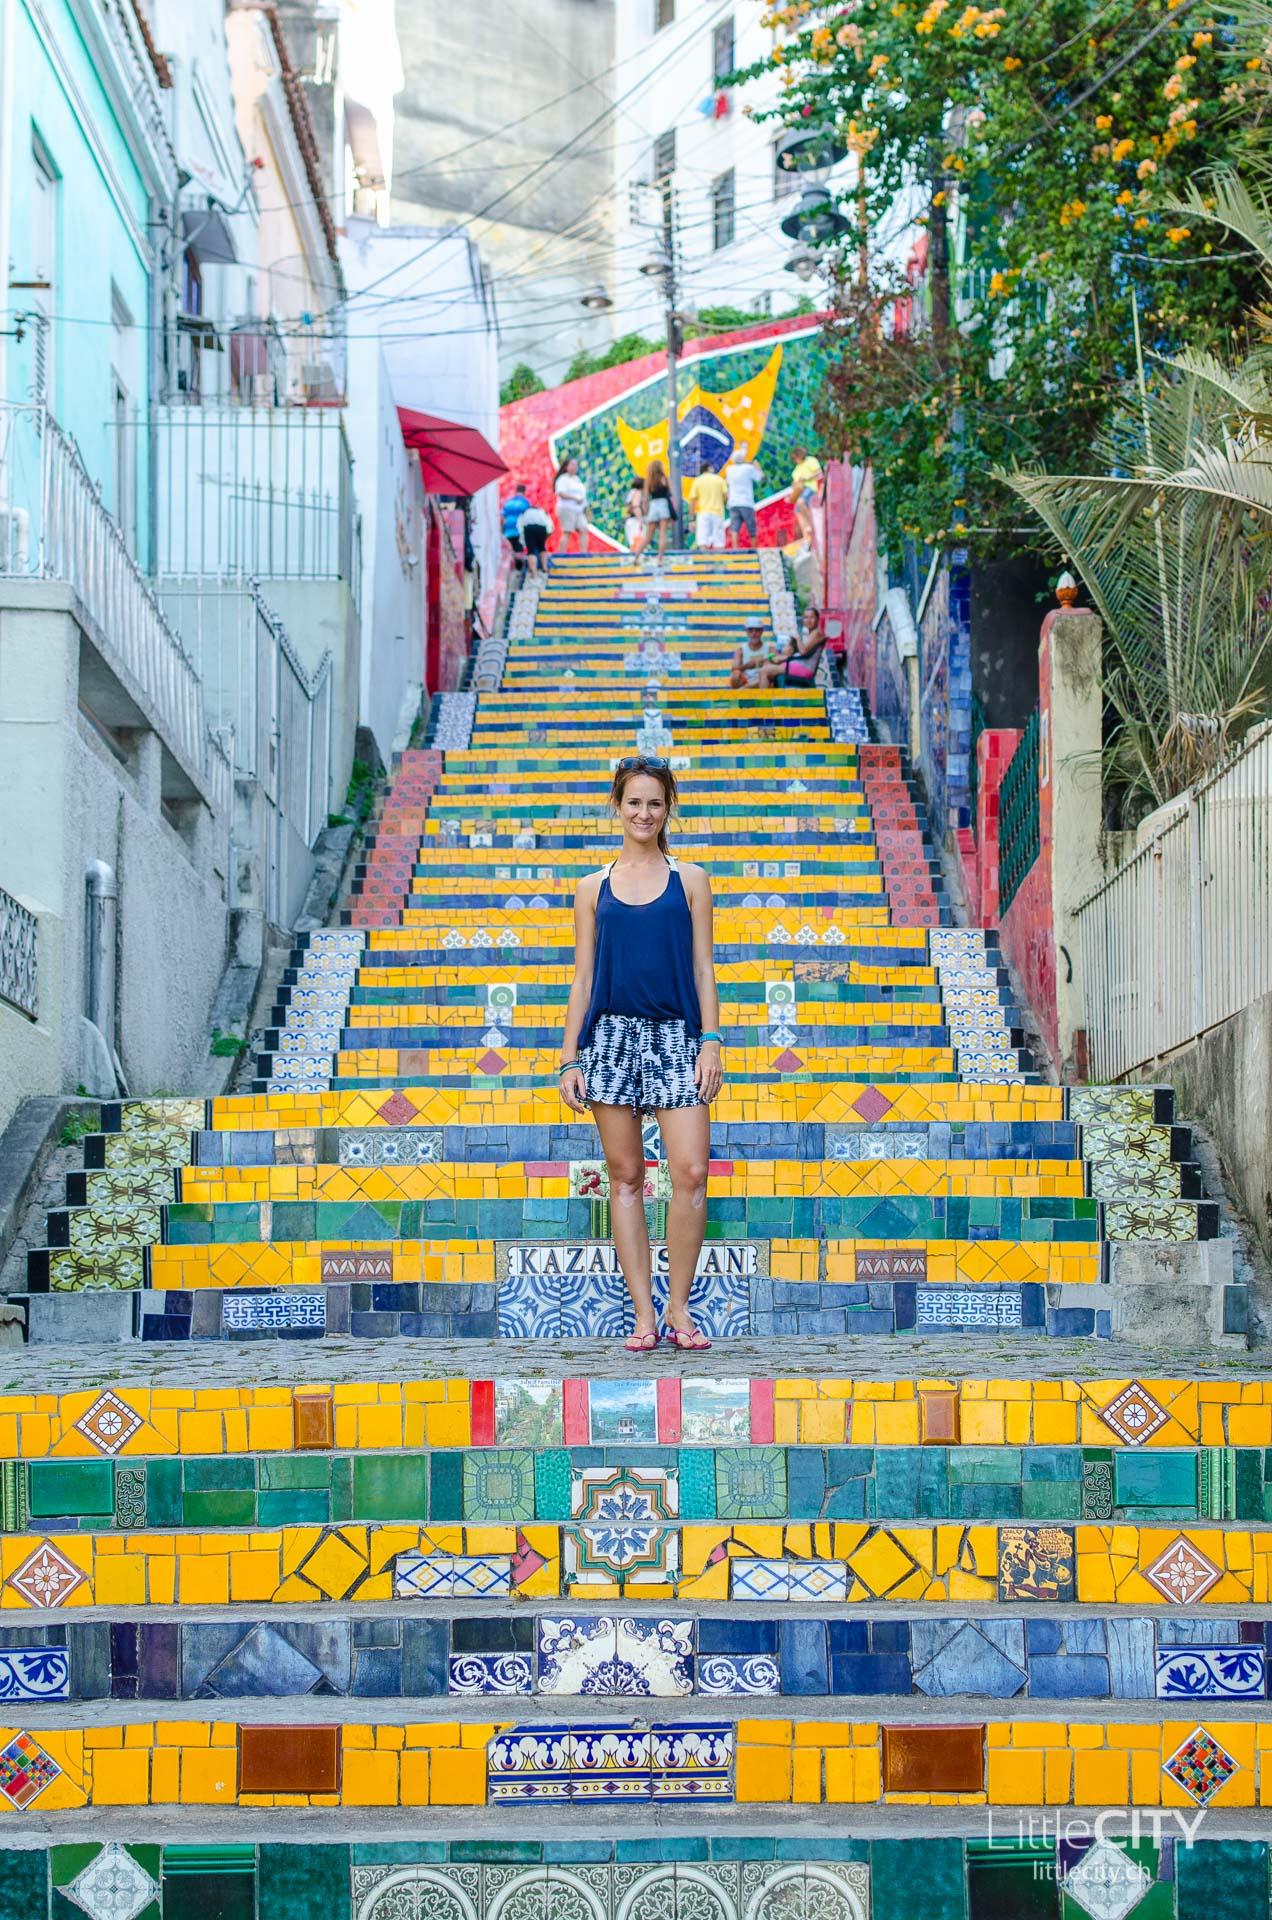 Escadaria Selaron Rio de Janeiro LittleCITY-9